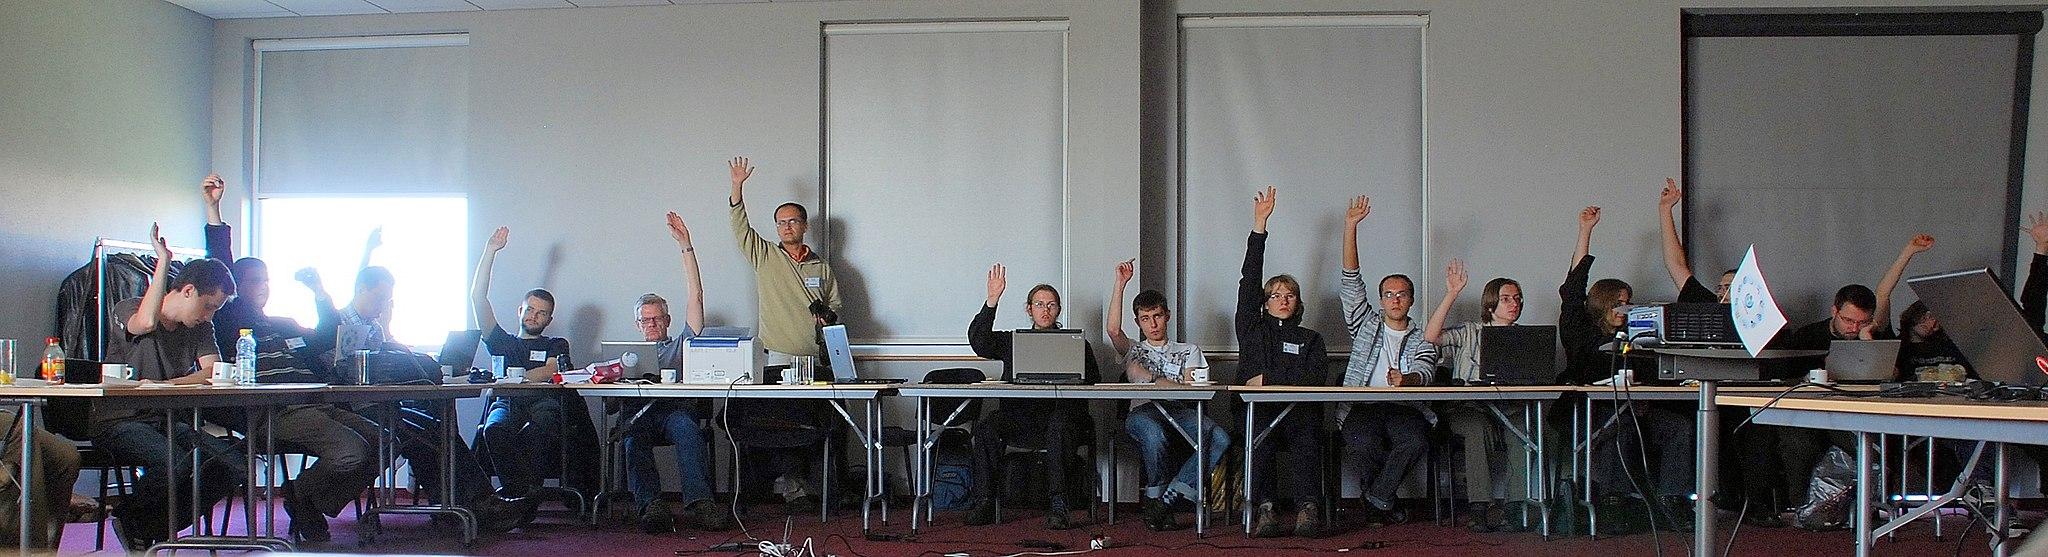 GDJ_2008_unanimous_voting